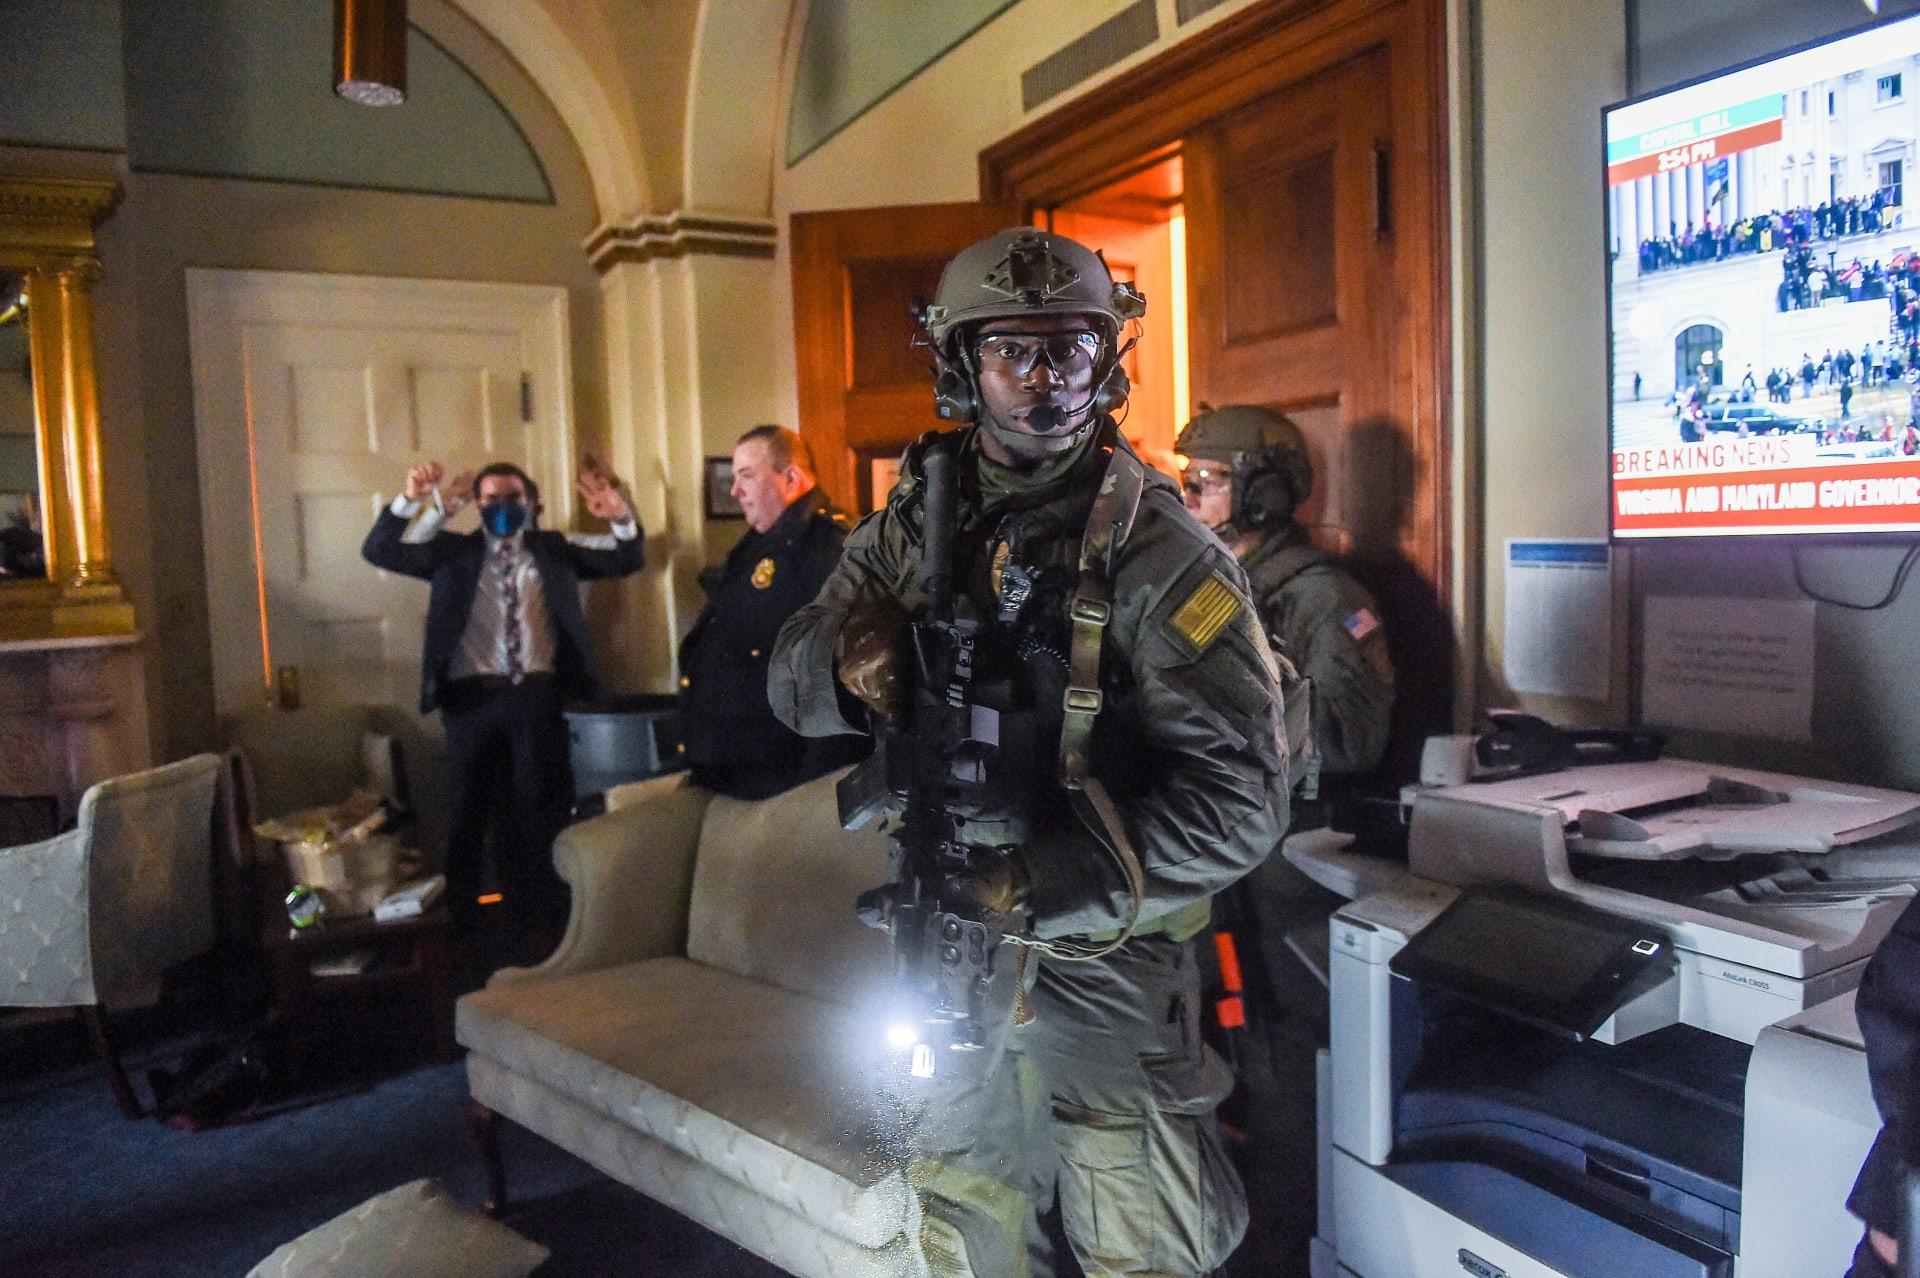 عناصر الأمن يؤمنون مبنى الكونغرس